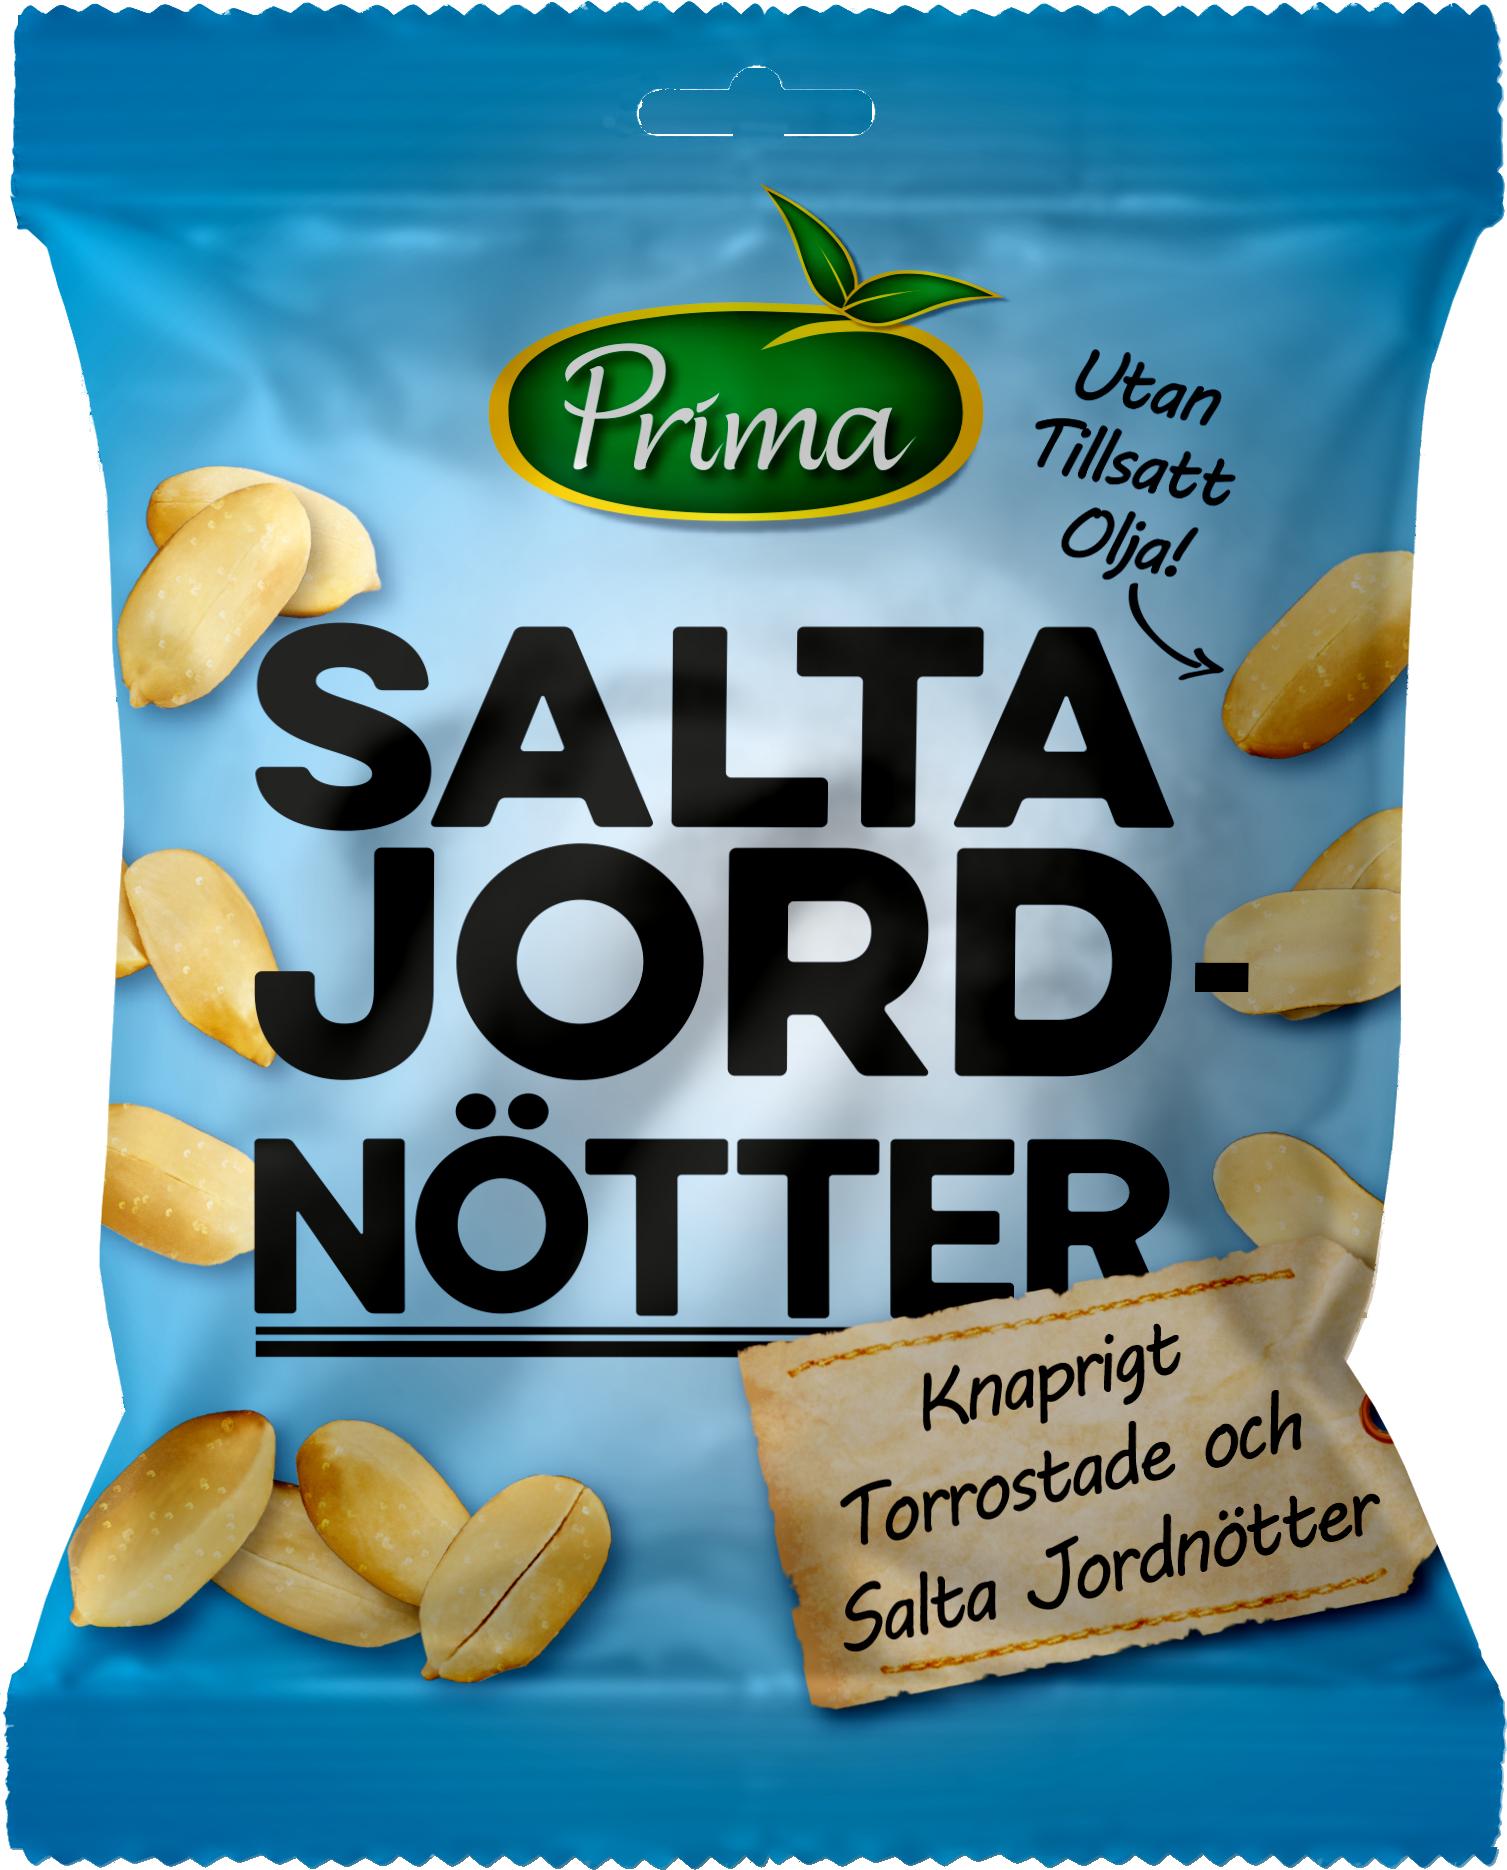 torrostade& saltade Jordnötter - Torrrostade jordnötter med en nypa salt. Påsen innehåller 175 g.Ingredienser:Jordnötter, salt.Näringsvärde per 100gEnergi 581kcal/2431 kJFett 44,4g, varav mättat fett 6,8 gKolhydrater 21,4g, varav sockerarter 5,1gProtein 23,9gSalt 1,1g